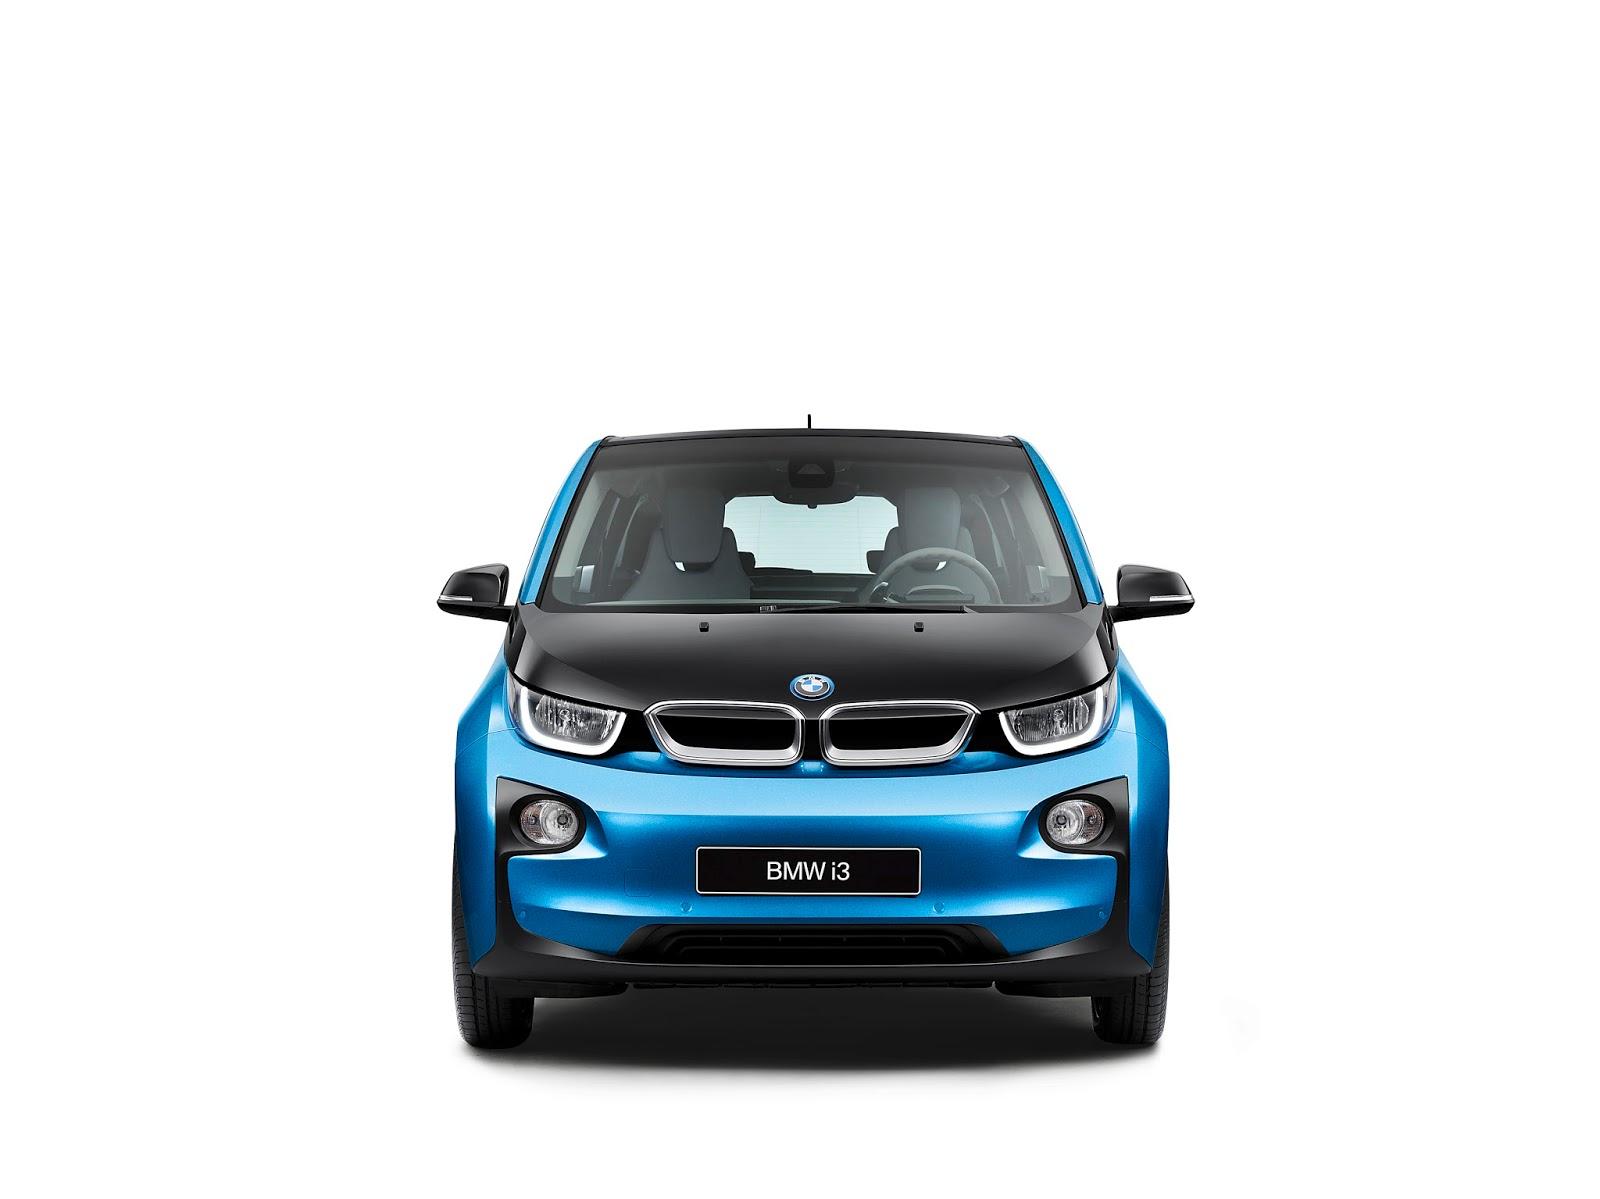 P90216949 highRes bmw i3 94ah 05 2016 1 Μεγαλύτερη αυτονομία για το i3 της BMW BMW, BMW i, BMW i3, car, Electric cars